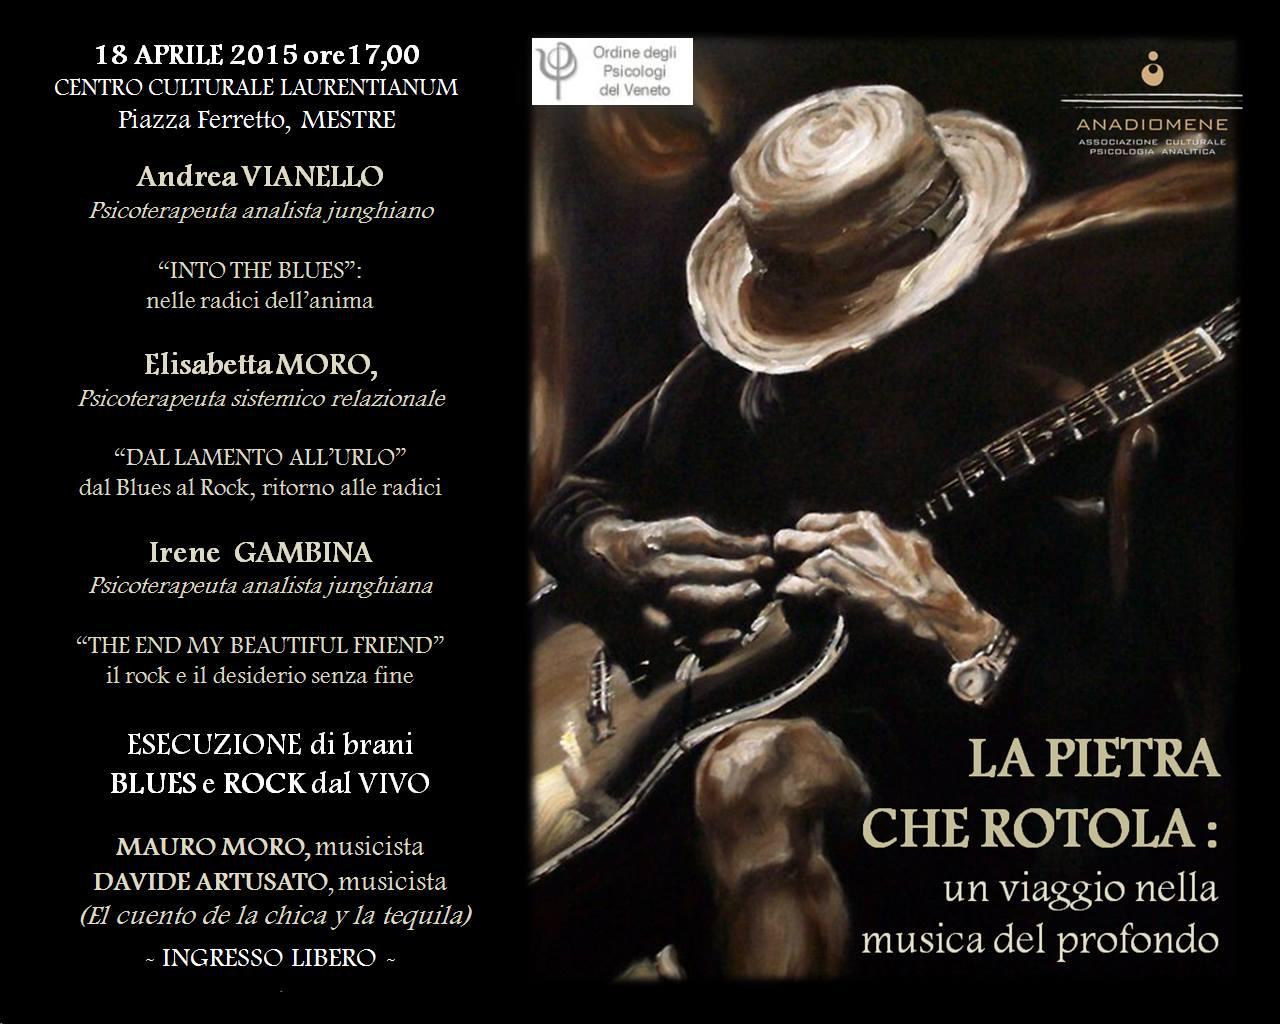 18 Aprile 2015 – Mestre –  Psicologia e Musica del profondo: EVENTO GRATUITO